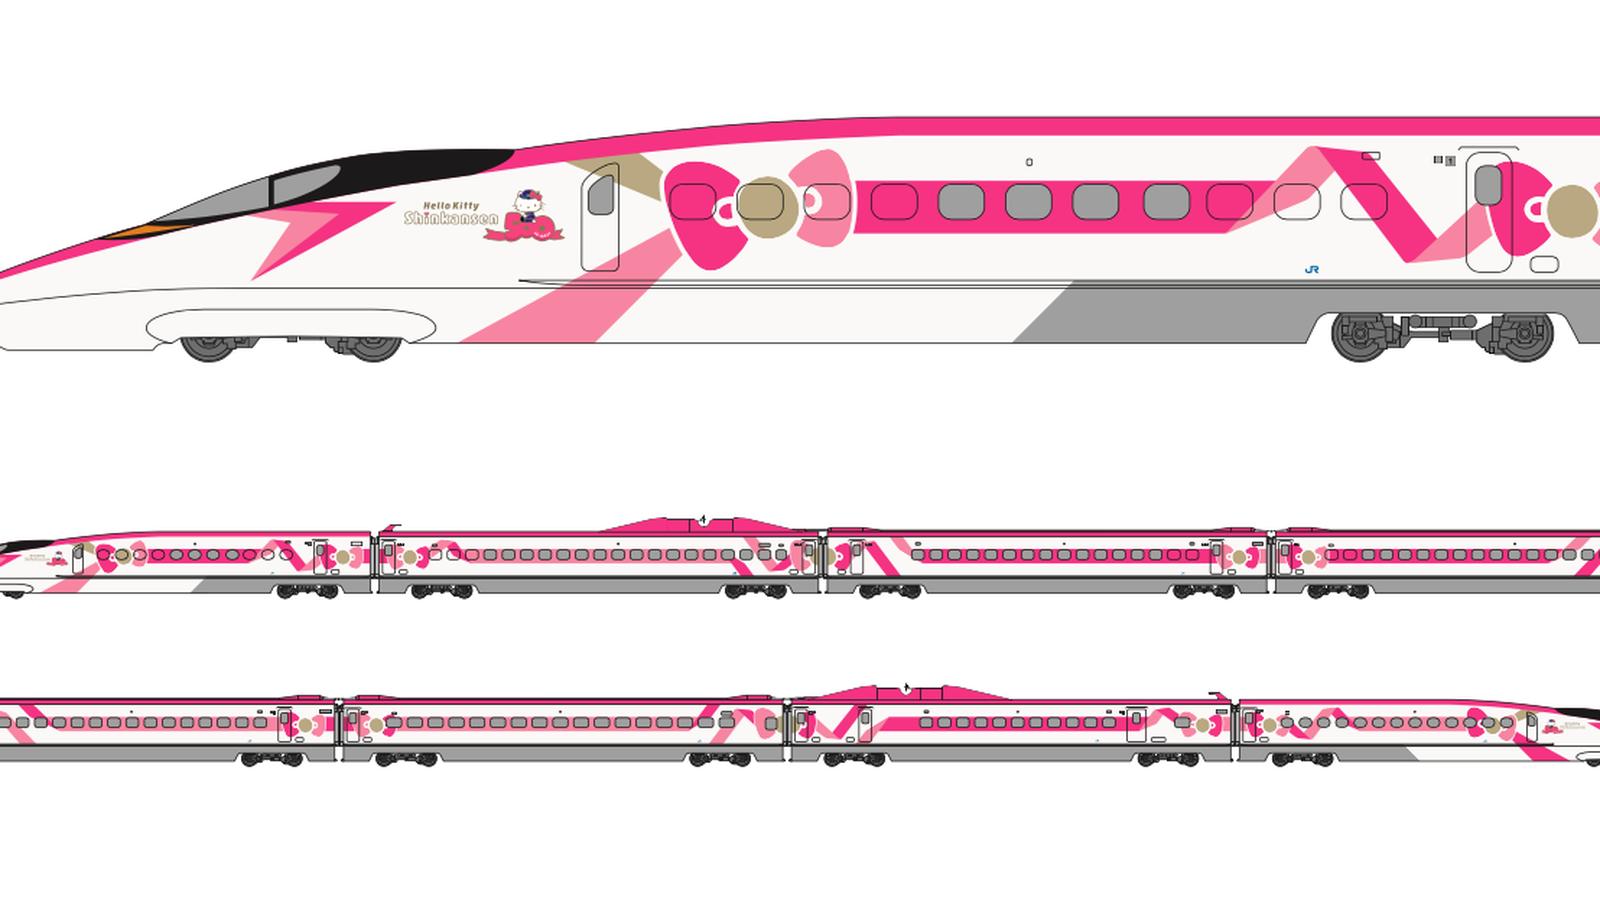 التصميم الخارجي المقترح لقطار الطلقة هيلو كيتي